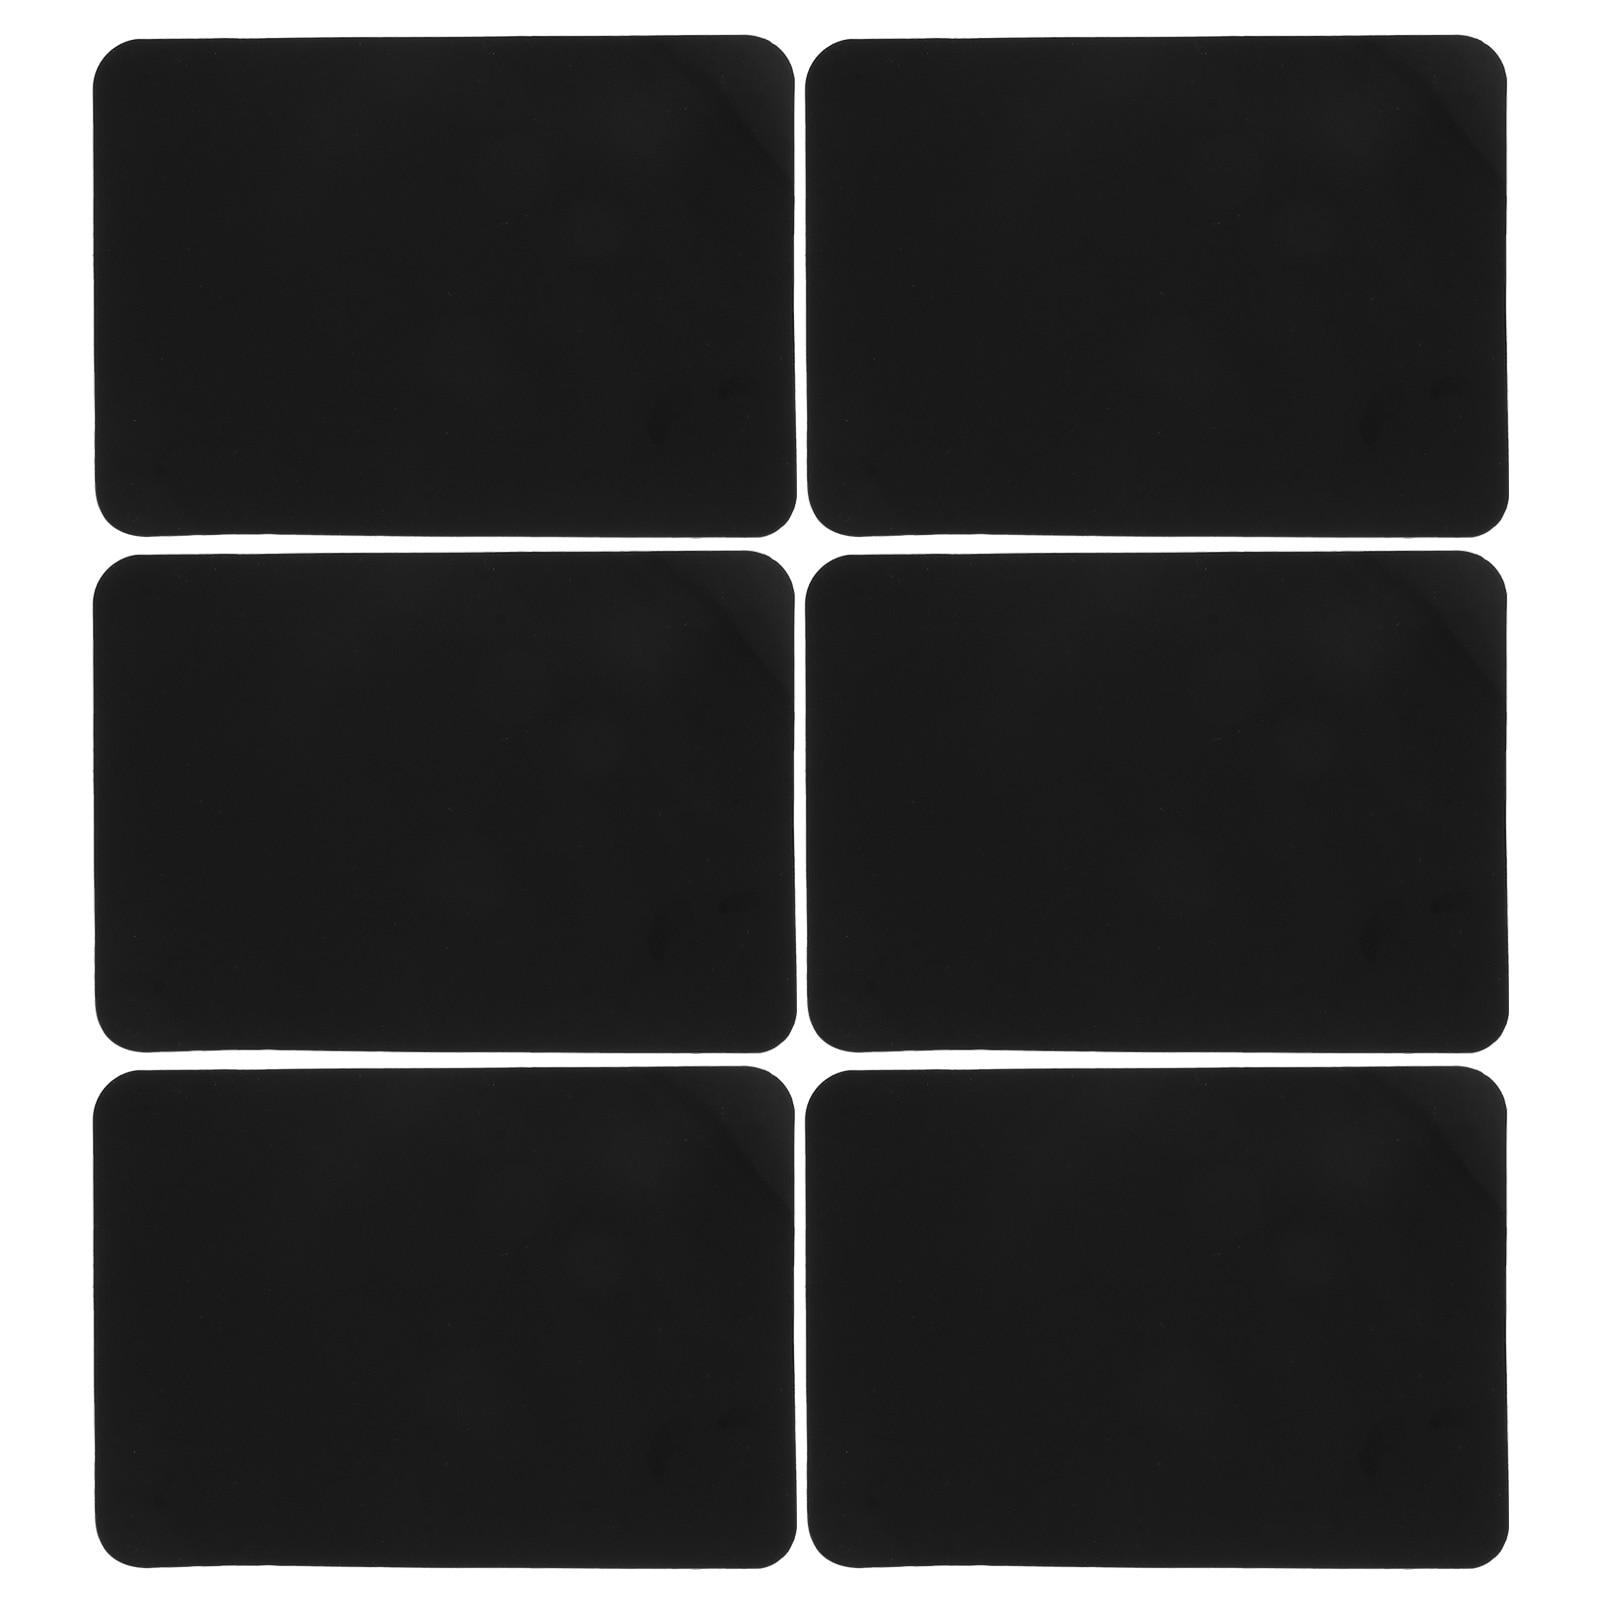 6 шт. стираемые доски, рекламные доски, ПВХ, цена, доски, черные доски